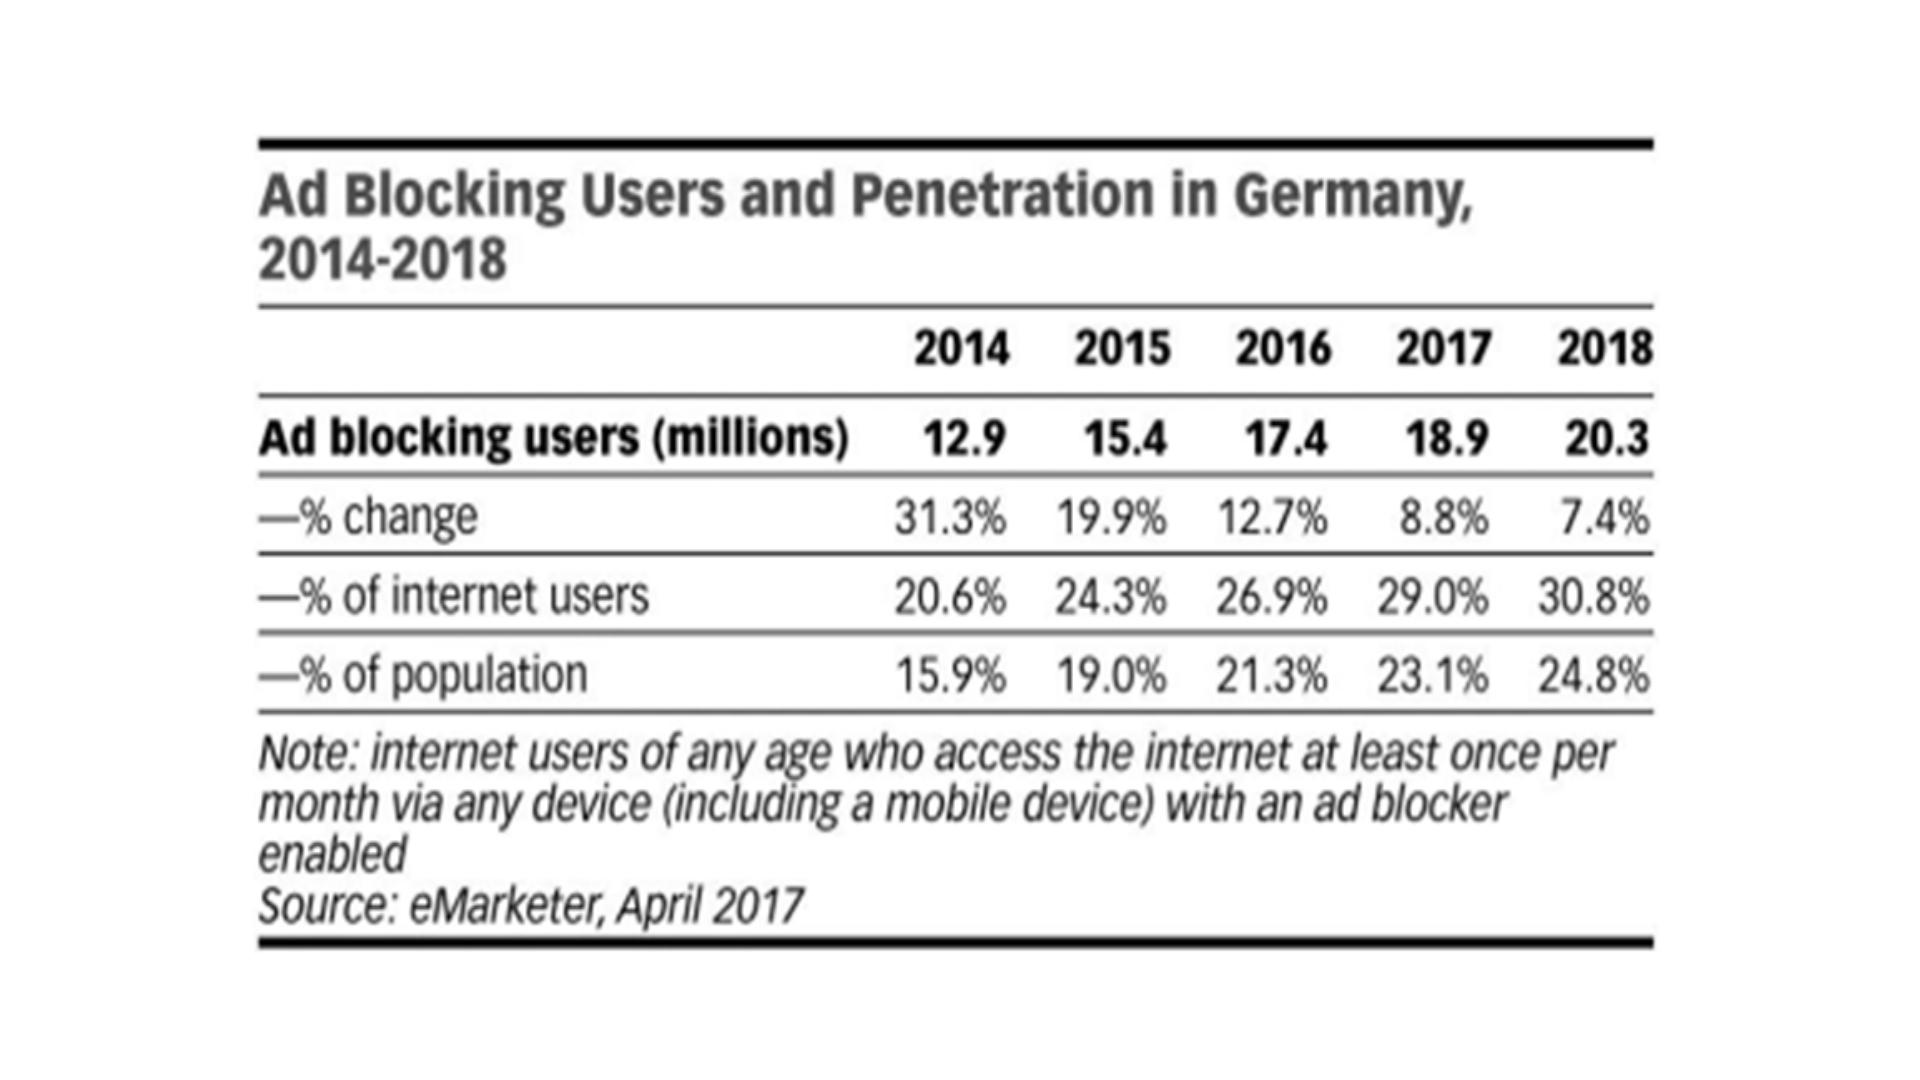 SEO-Maßnahmen sind absolut notwendig. Immer mehr Deutsche blockieren Werbeanzeigen, weswegen es umso wichtiger wird, organisch höher zu ranken. In Deutschland ist der Anteil der Ad Blocker unter den Internetnutzern von 20,6 % im Jahr 2014 auf 30,8 % im Jahr 2018 gestiegen. Im Hinblick auf die Gesamtbevölkerung nutzten 2014 bereits 15,9 % einen Ad Blocker, im Jahr 2018 waren es 24,8 %.